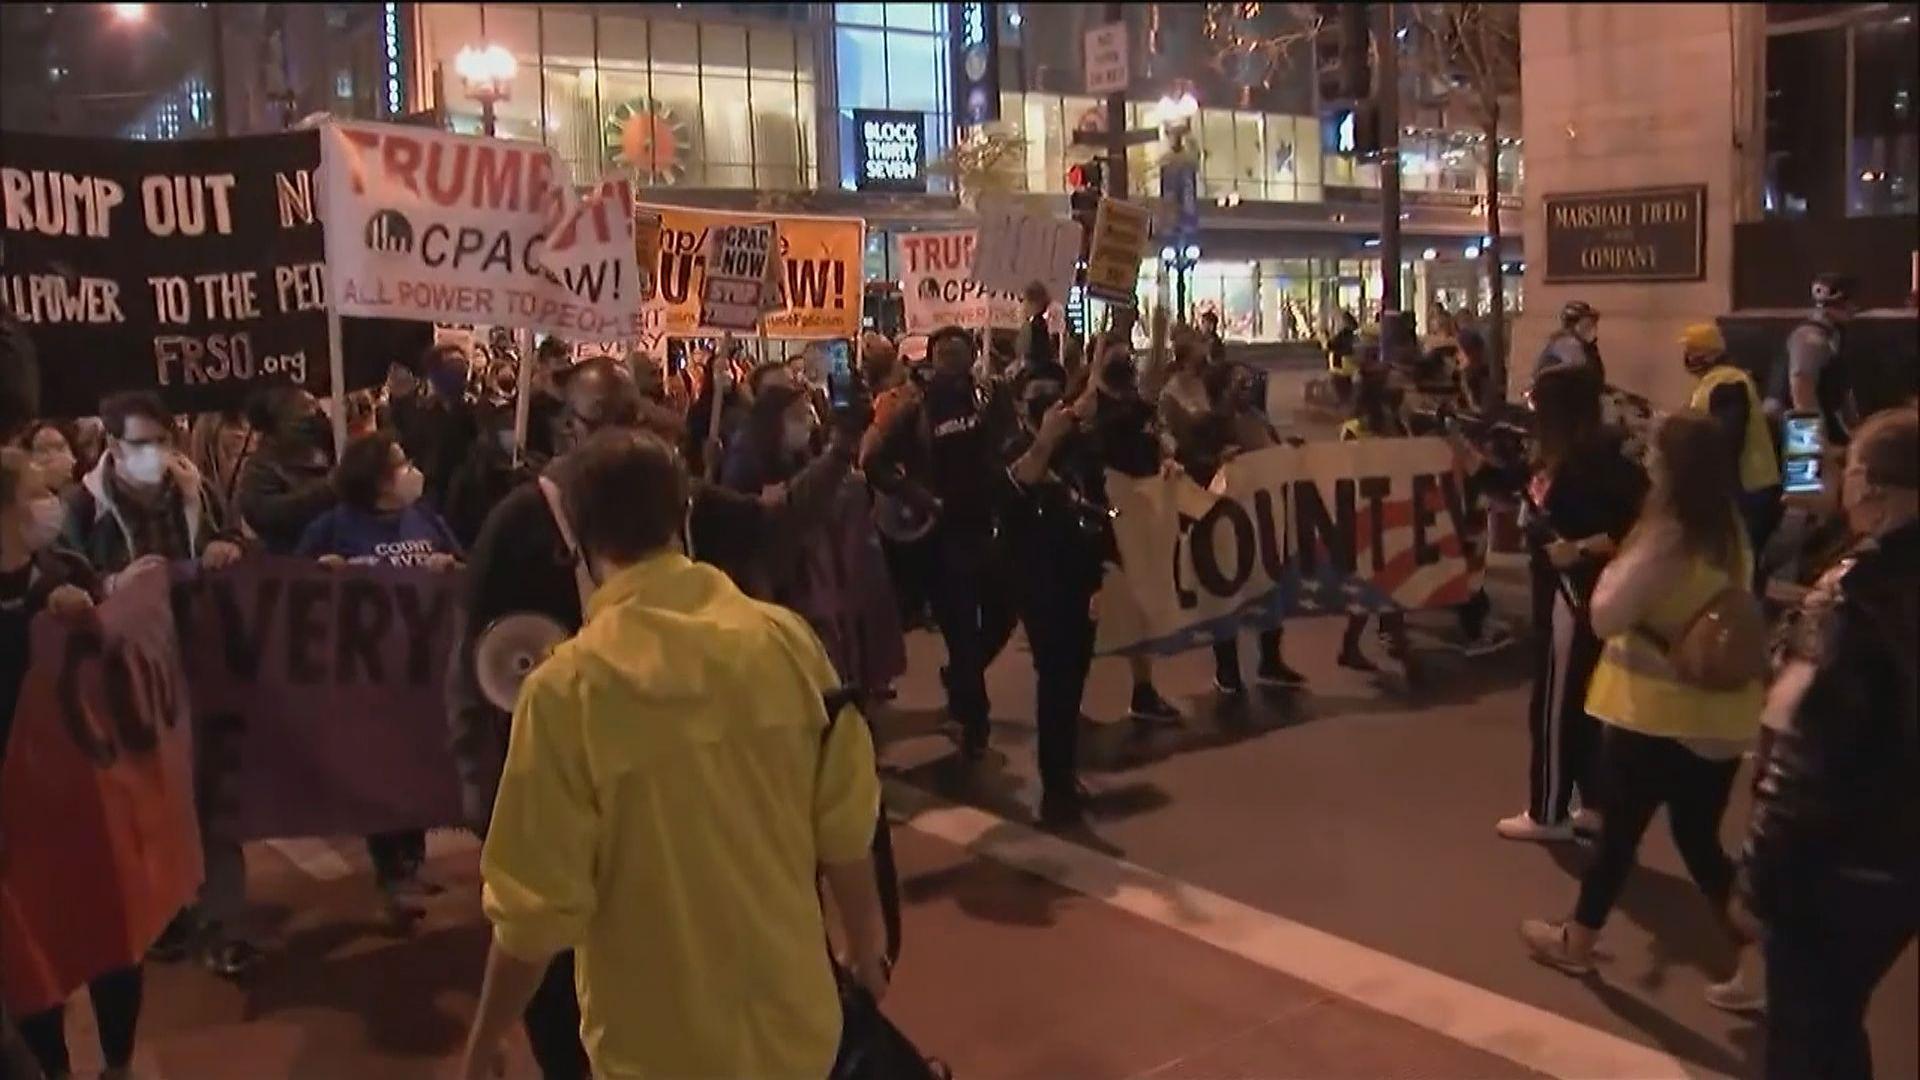 美國多地有示威 要求點算所有選票